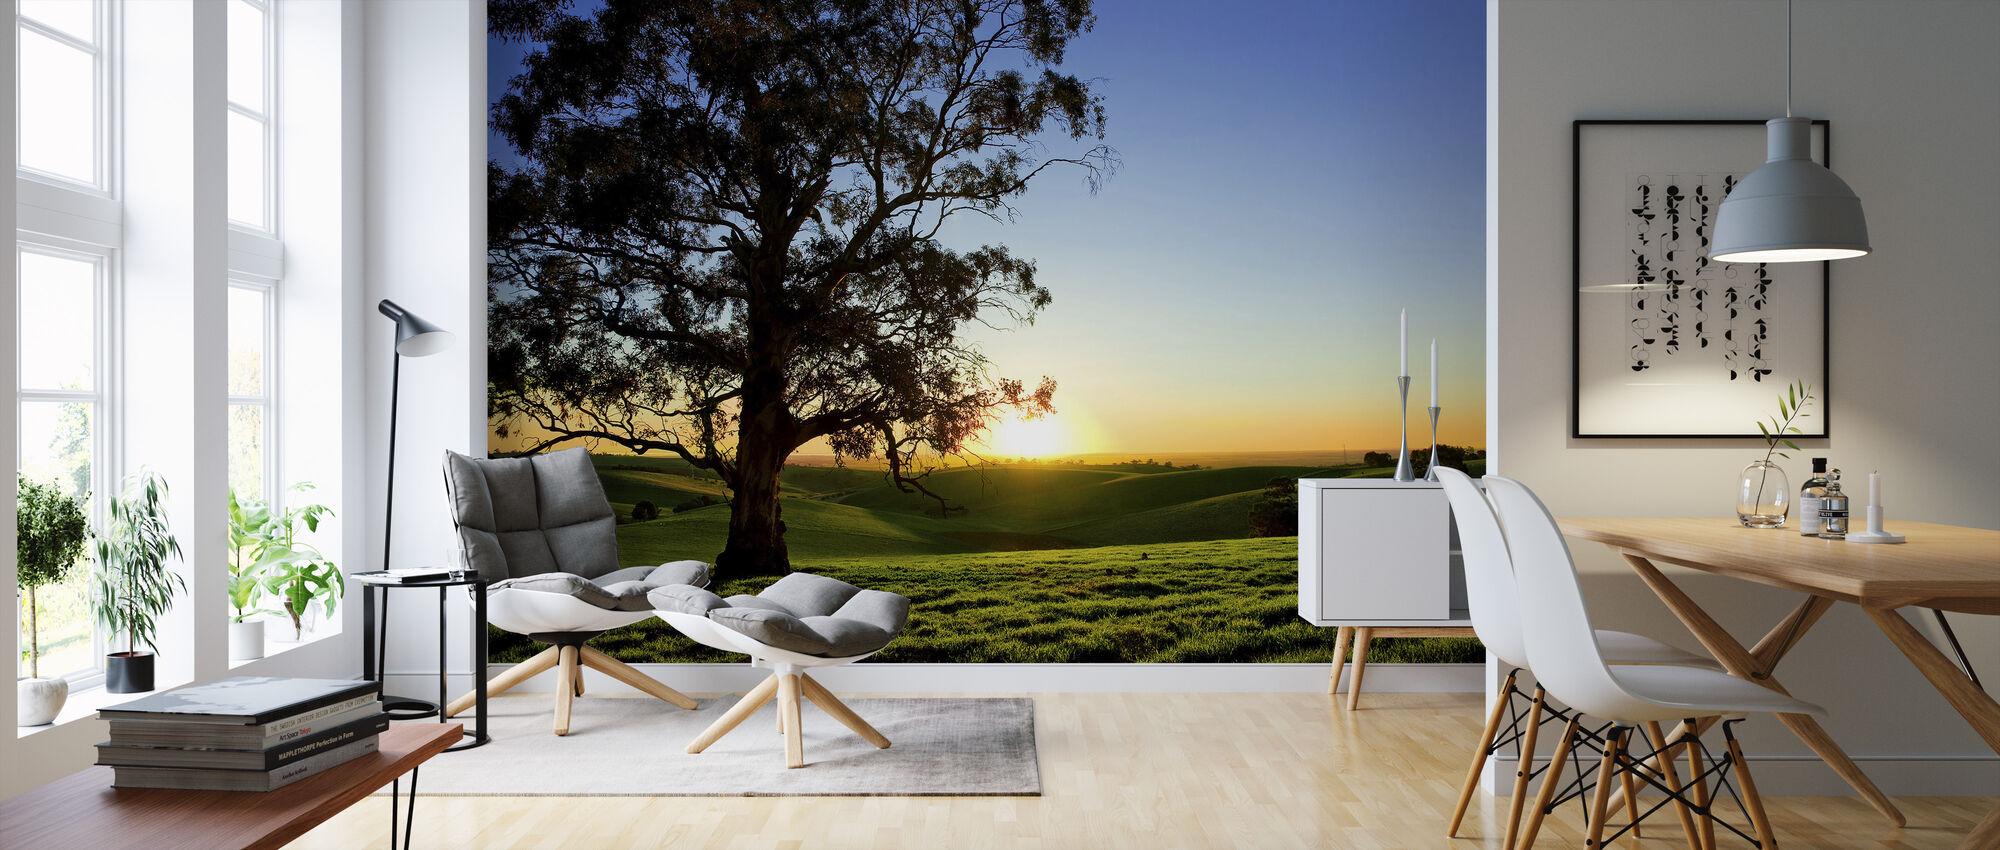 Kaunis auringonlasku maaseudun niitty - Tapetti - Olohuone